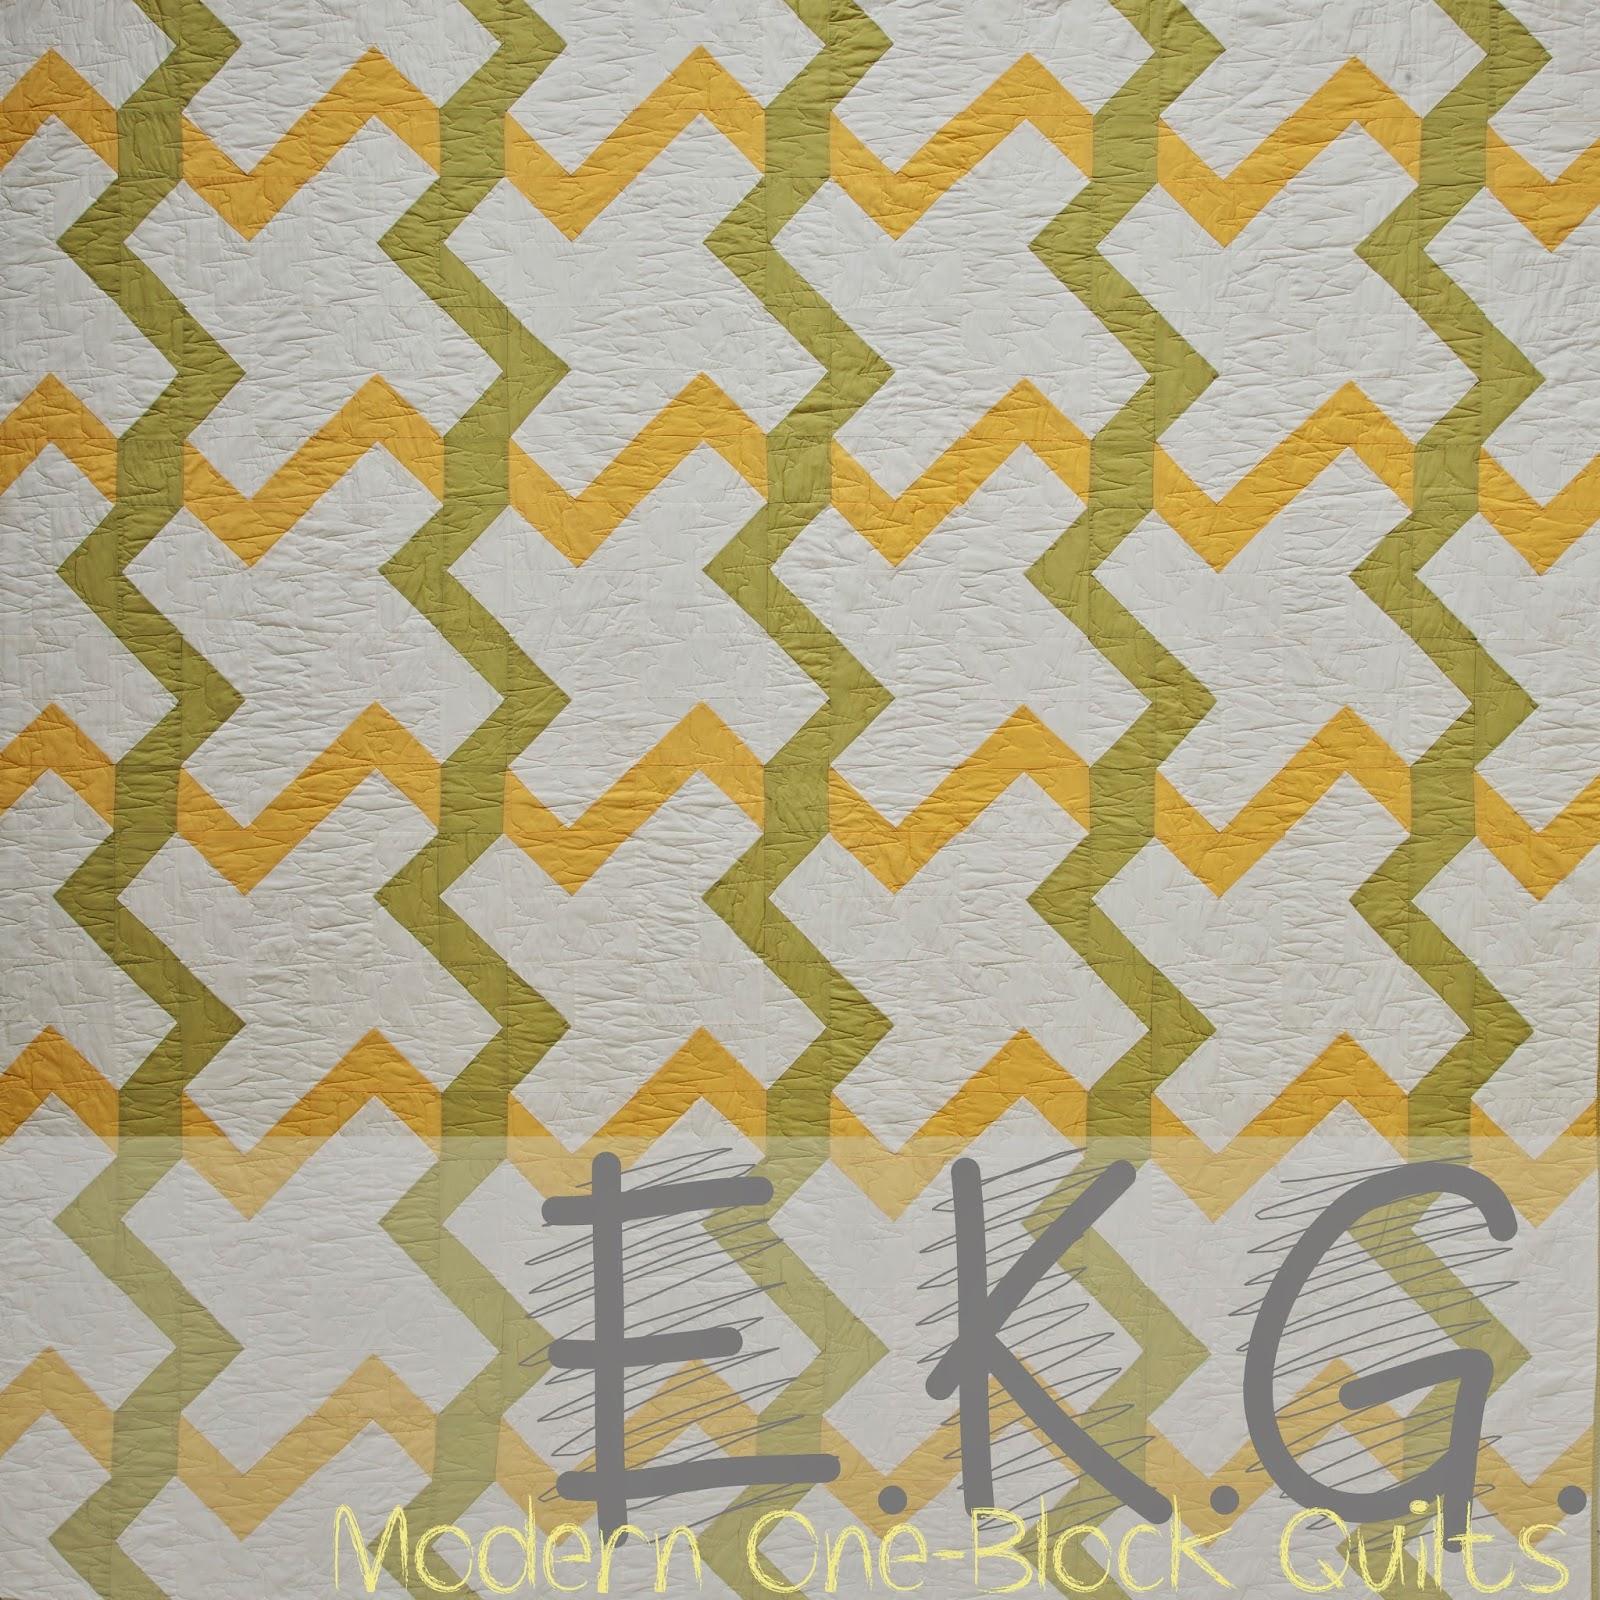 Piece N Quilt: E.K.G. - A Modern One-Block Quilt